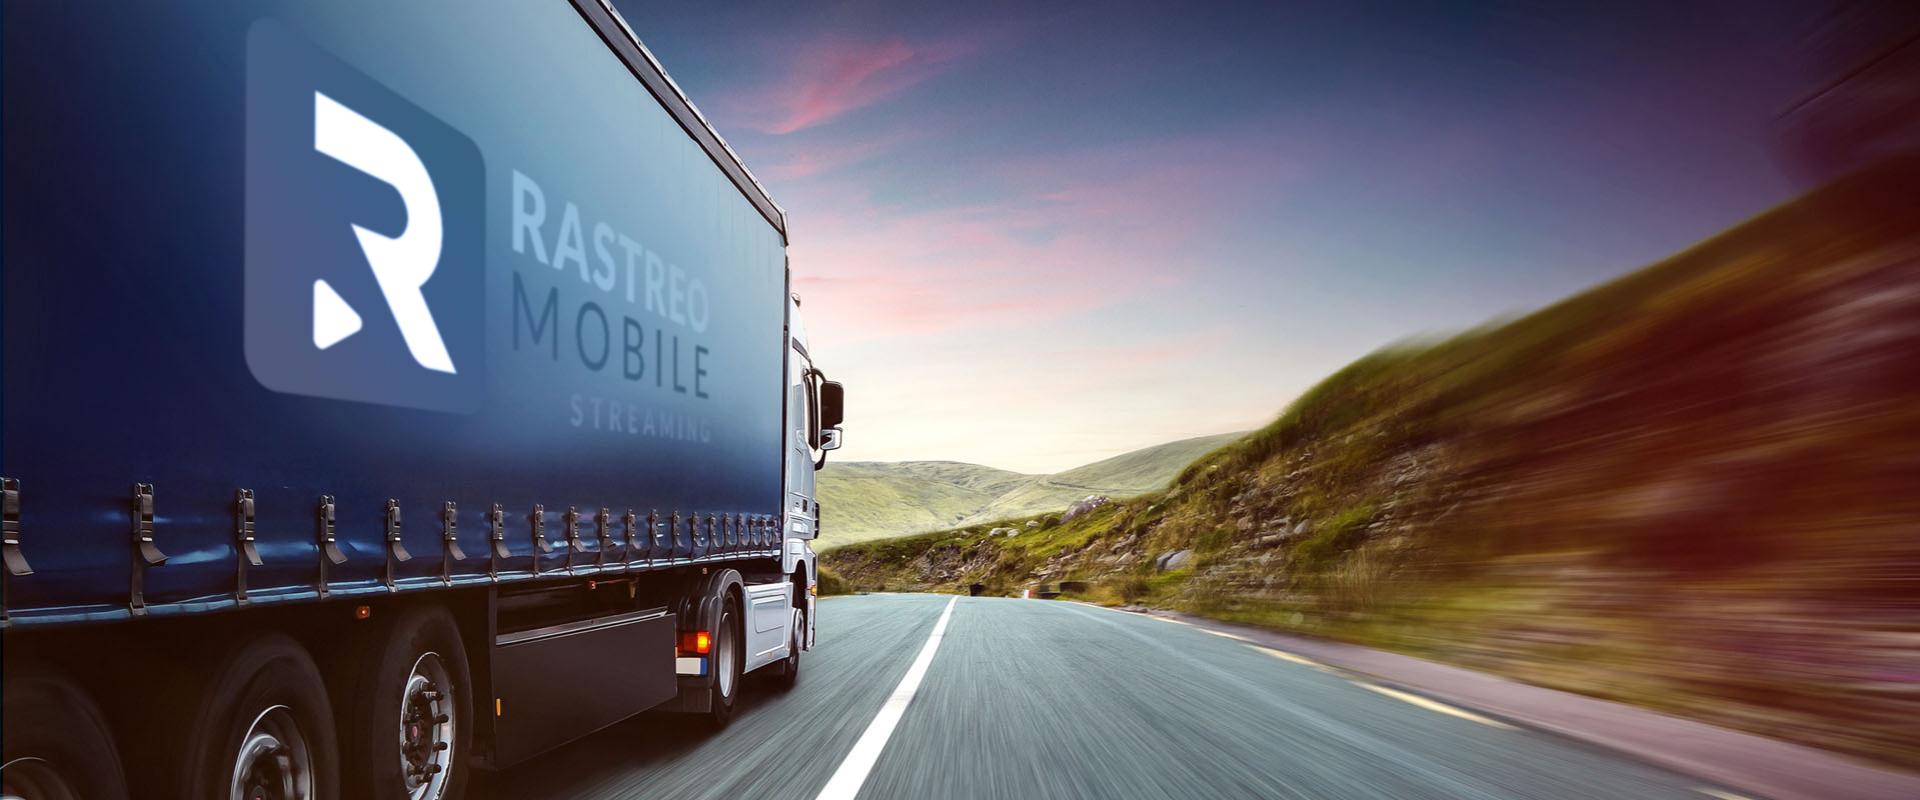 Nuestros MDVR pueden ser conectados a cámaras, antenas, displays, módulos y sensores de todo tipo, por lo tanto usted obtiene el máximo control del personal, del vehículo, sus activos y de la carga misma.